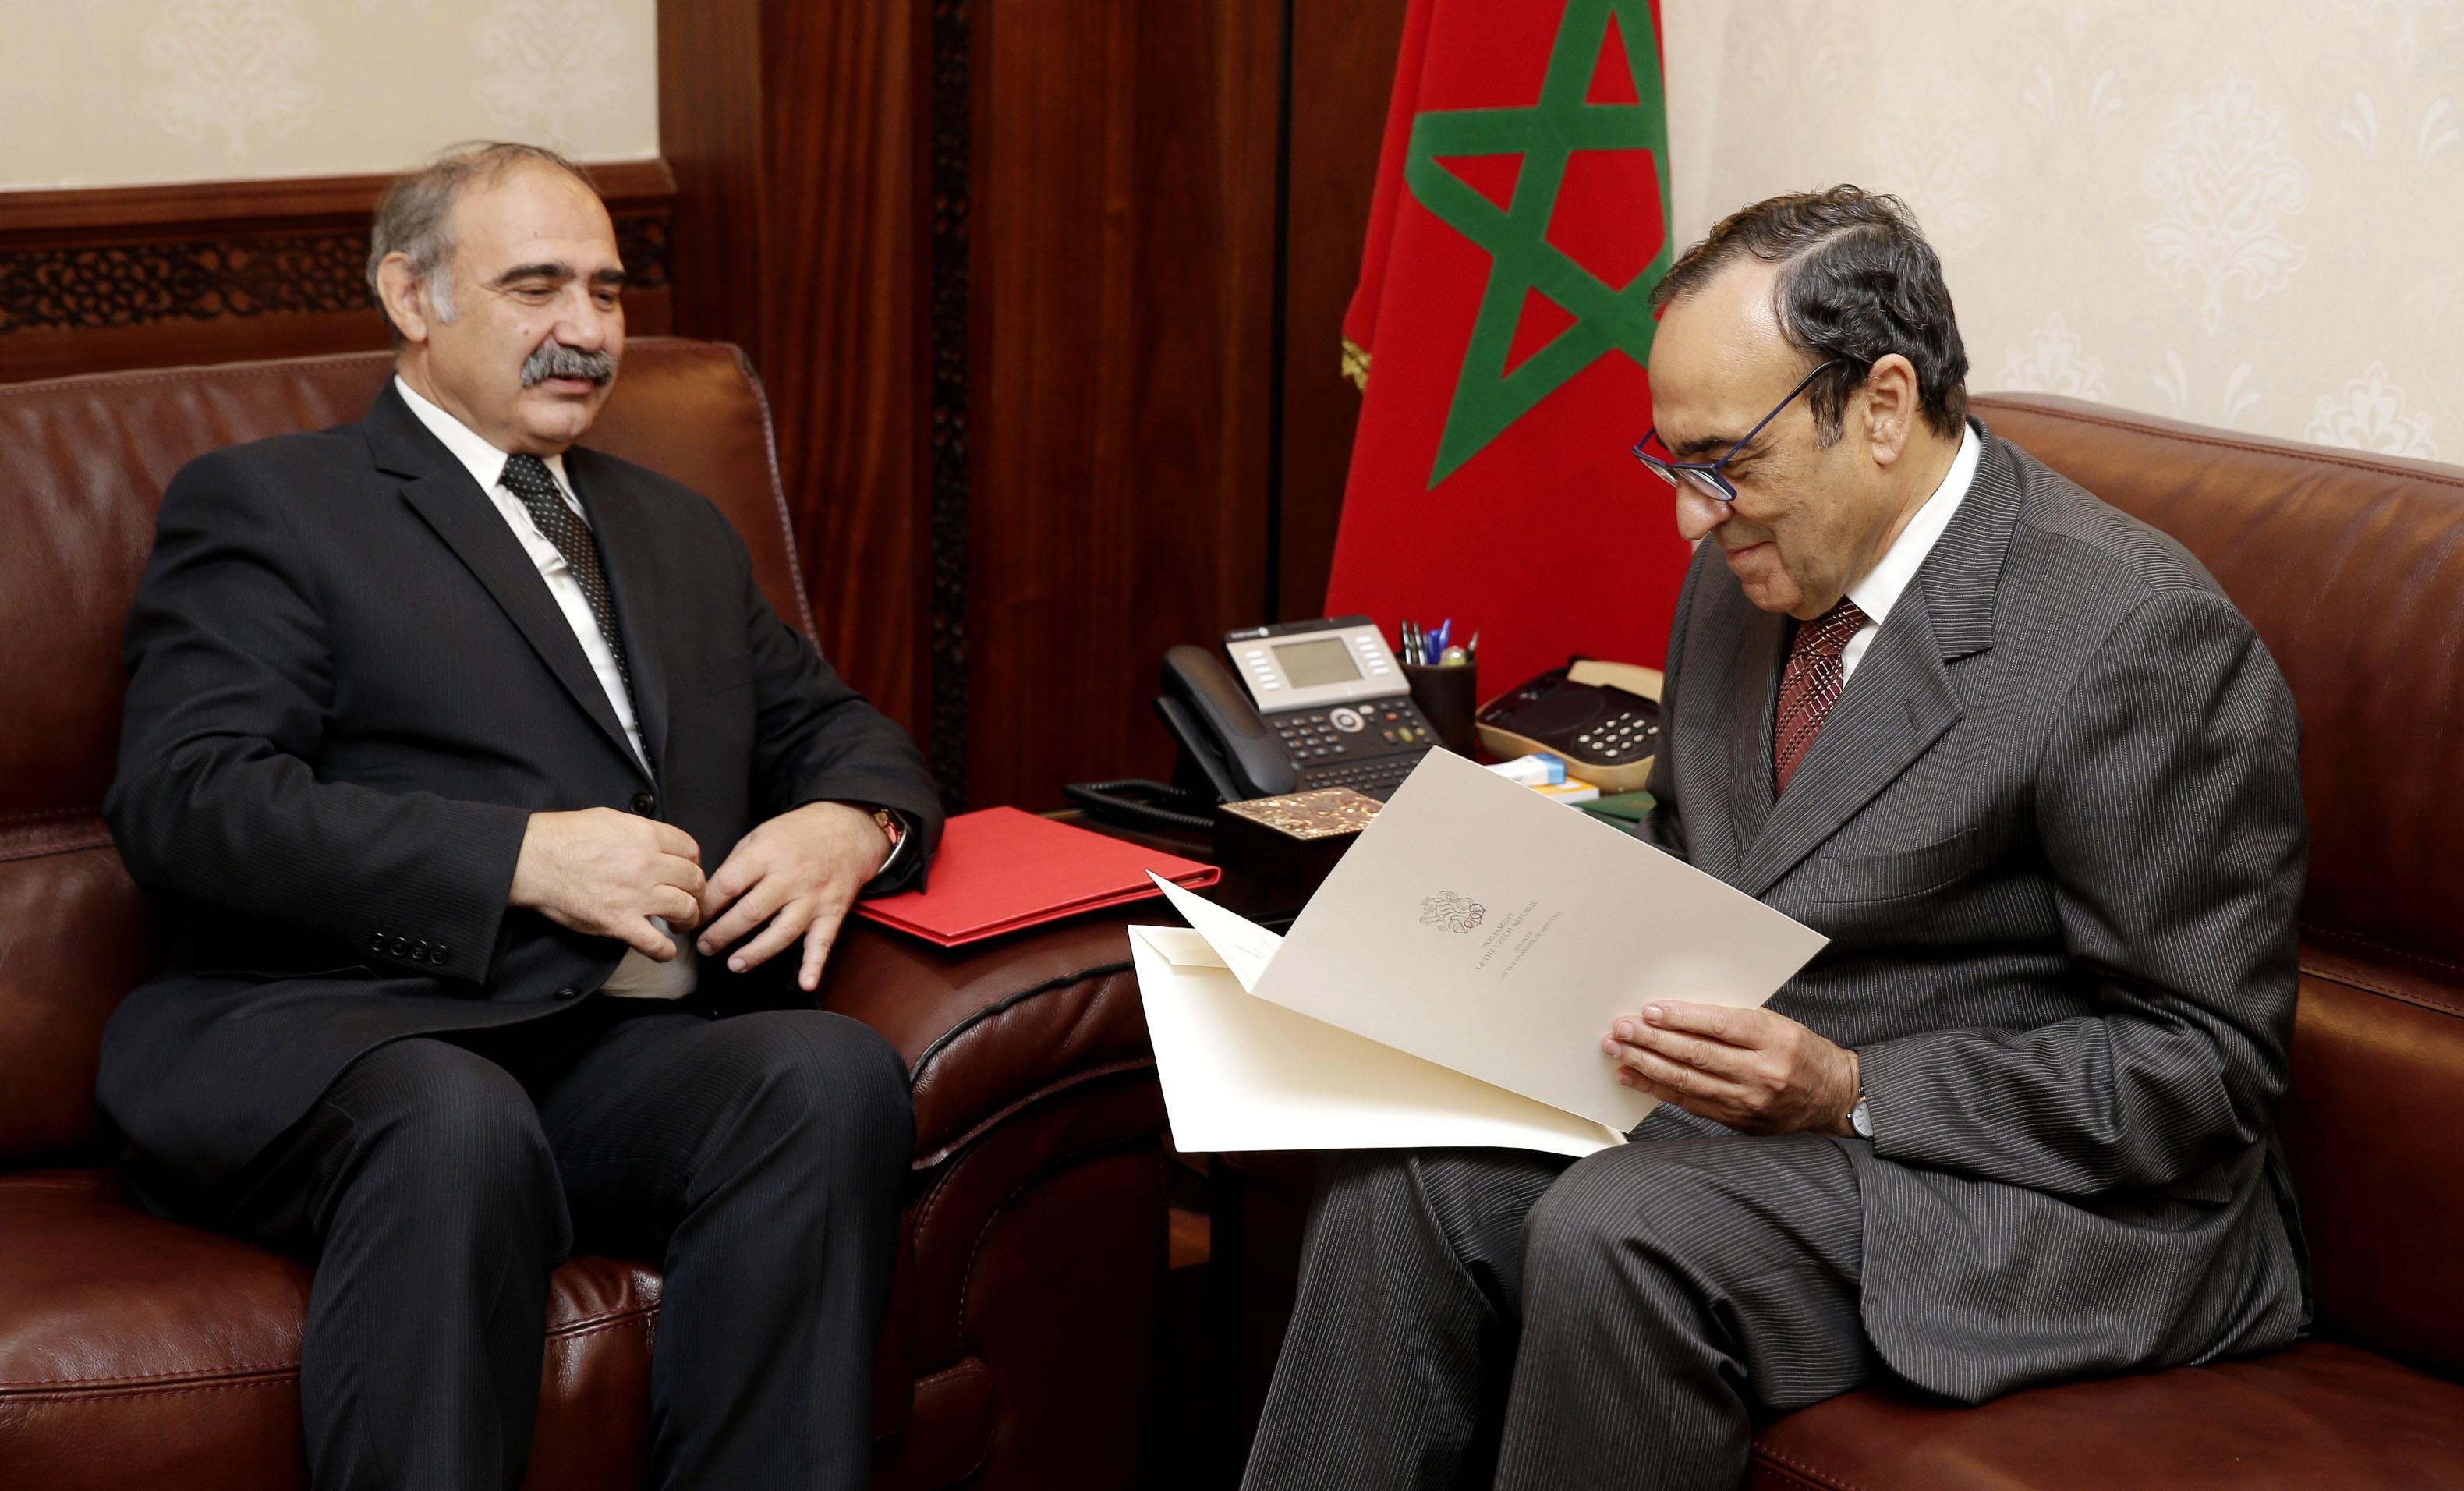 Renforcement de la coopération interparlementaire